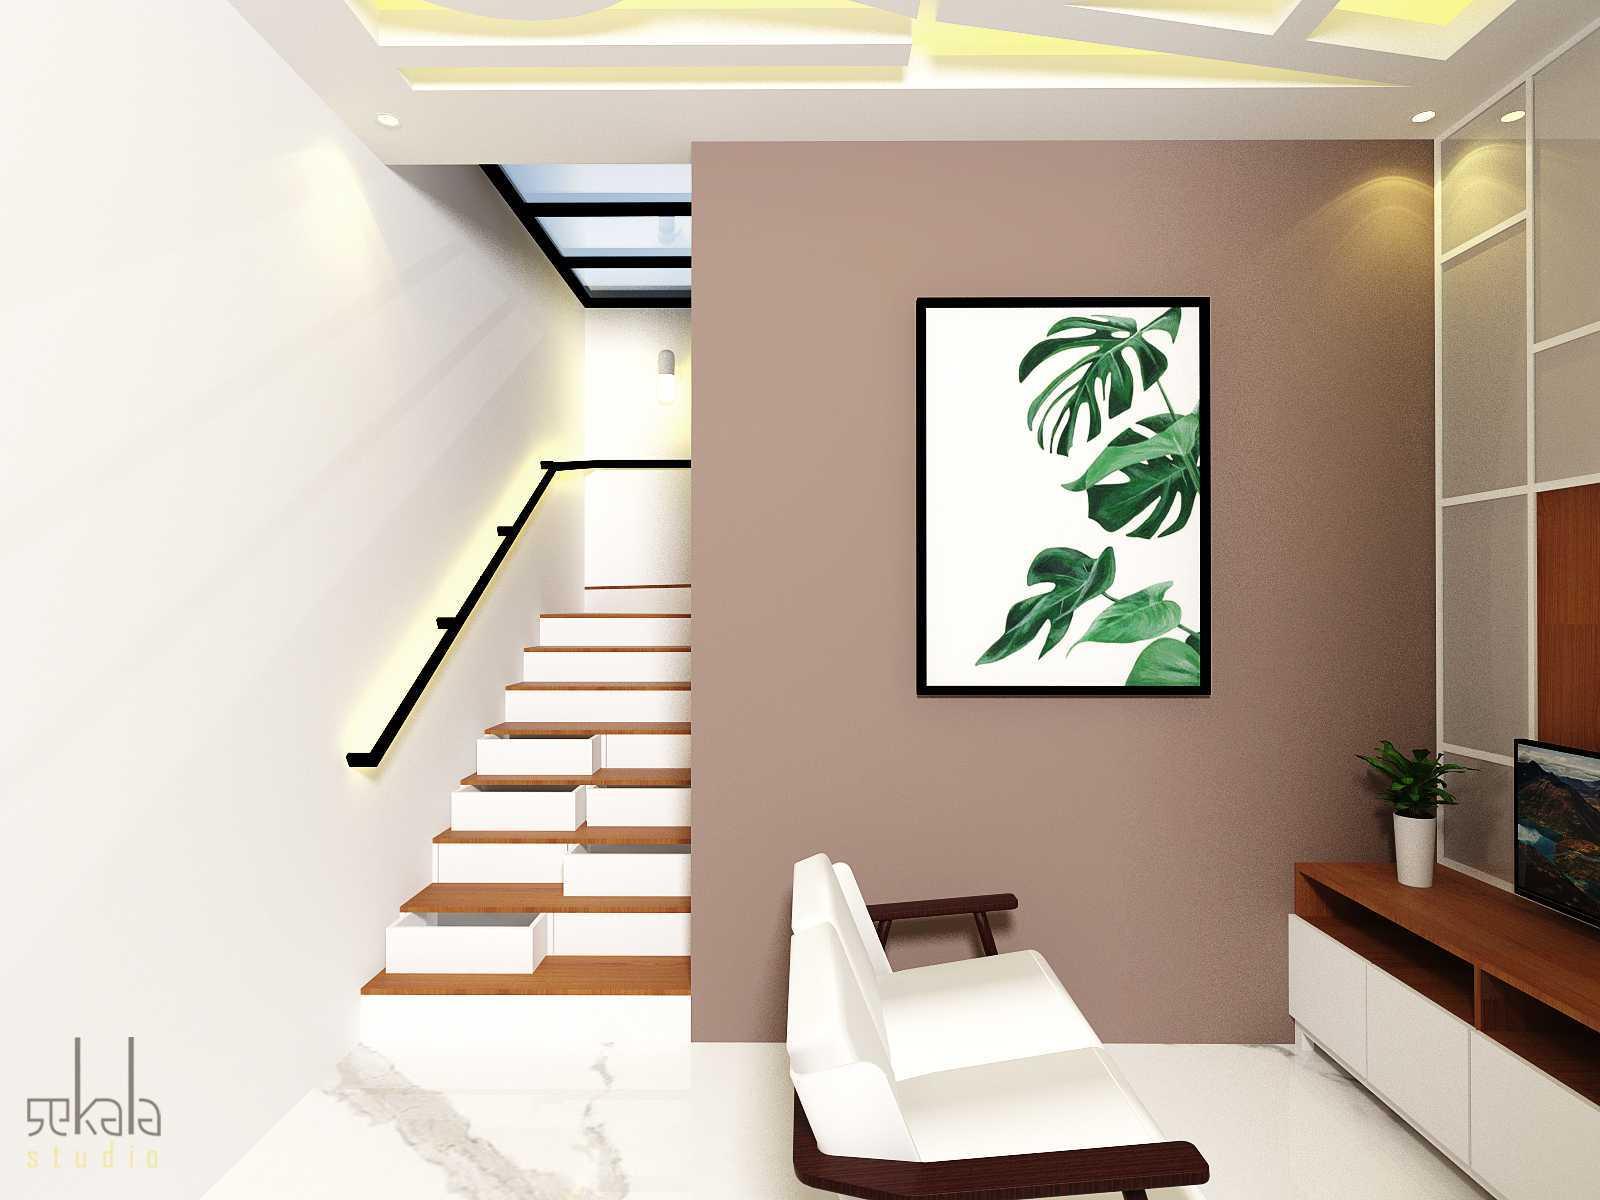 Sekala Interior Rumah Citra Harmoni Sidoarjo, Kec. Sidoarjo, Kabupaten Sidoarjo, Jawa Timur, Indonesia Sidoarjo, Kec. Sidoarjo, Kabupaten Sidoarjo, Jawa Timur, Indonesia Sekala-Interior-Rumah-Citra-Harmoni   60144